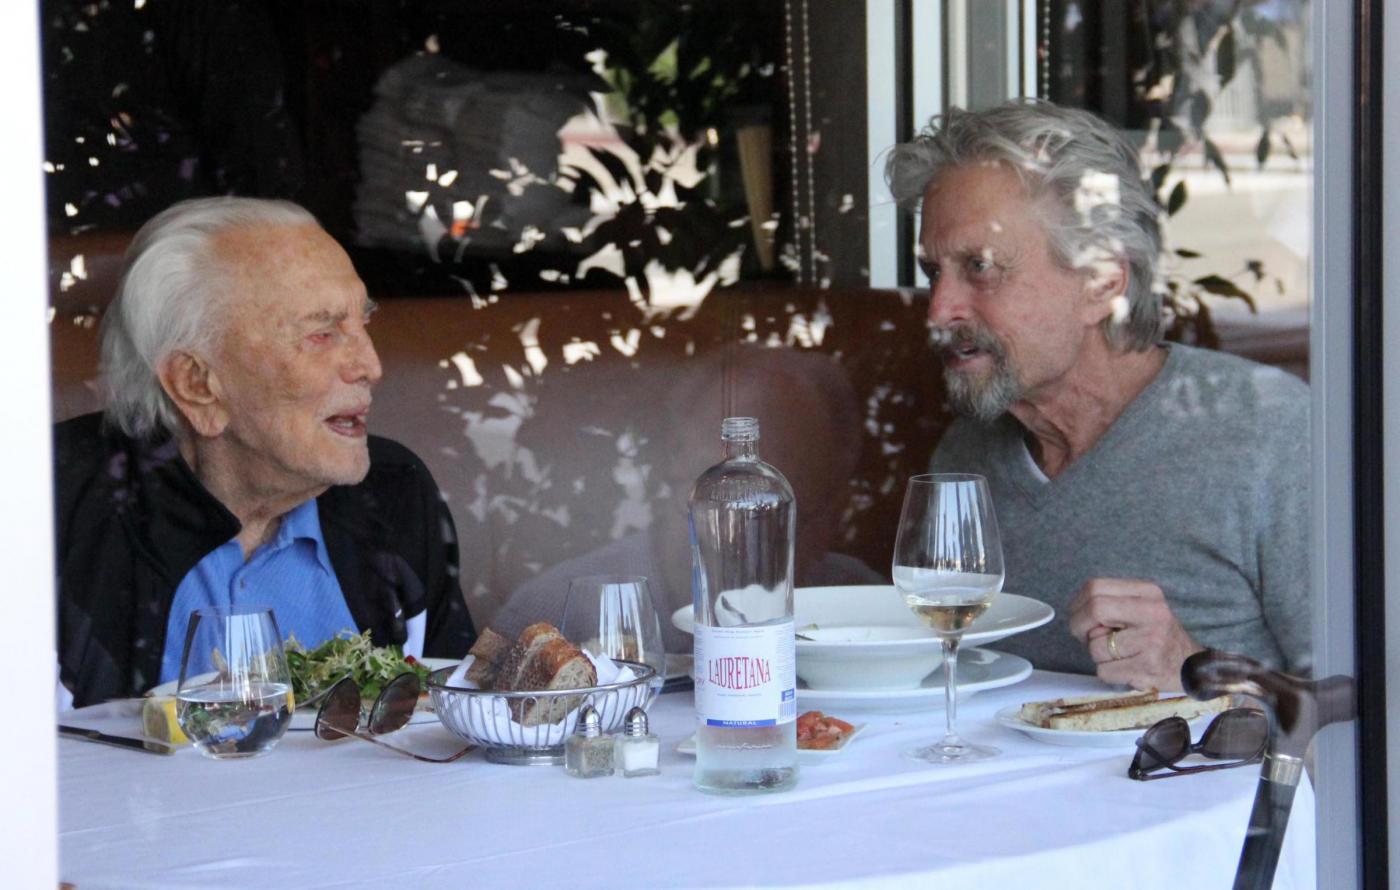 Michael e Kirk Douglas a pranzo insieme05